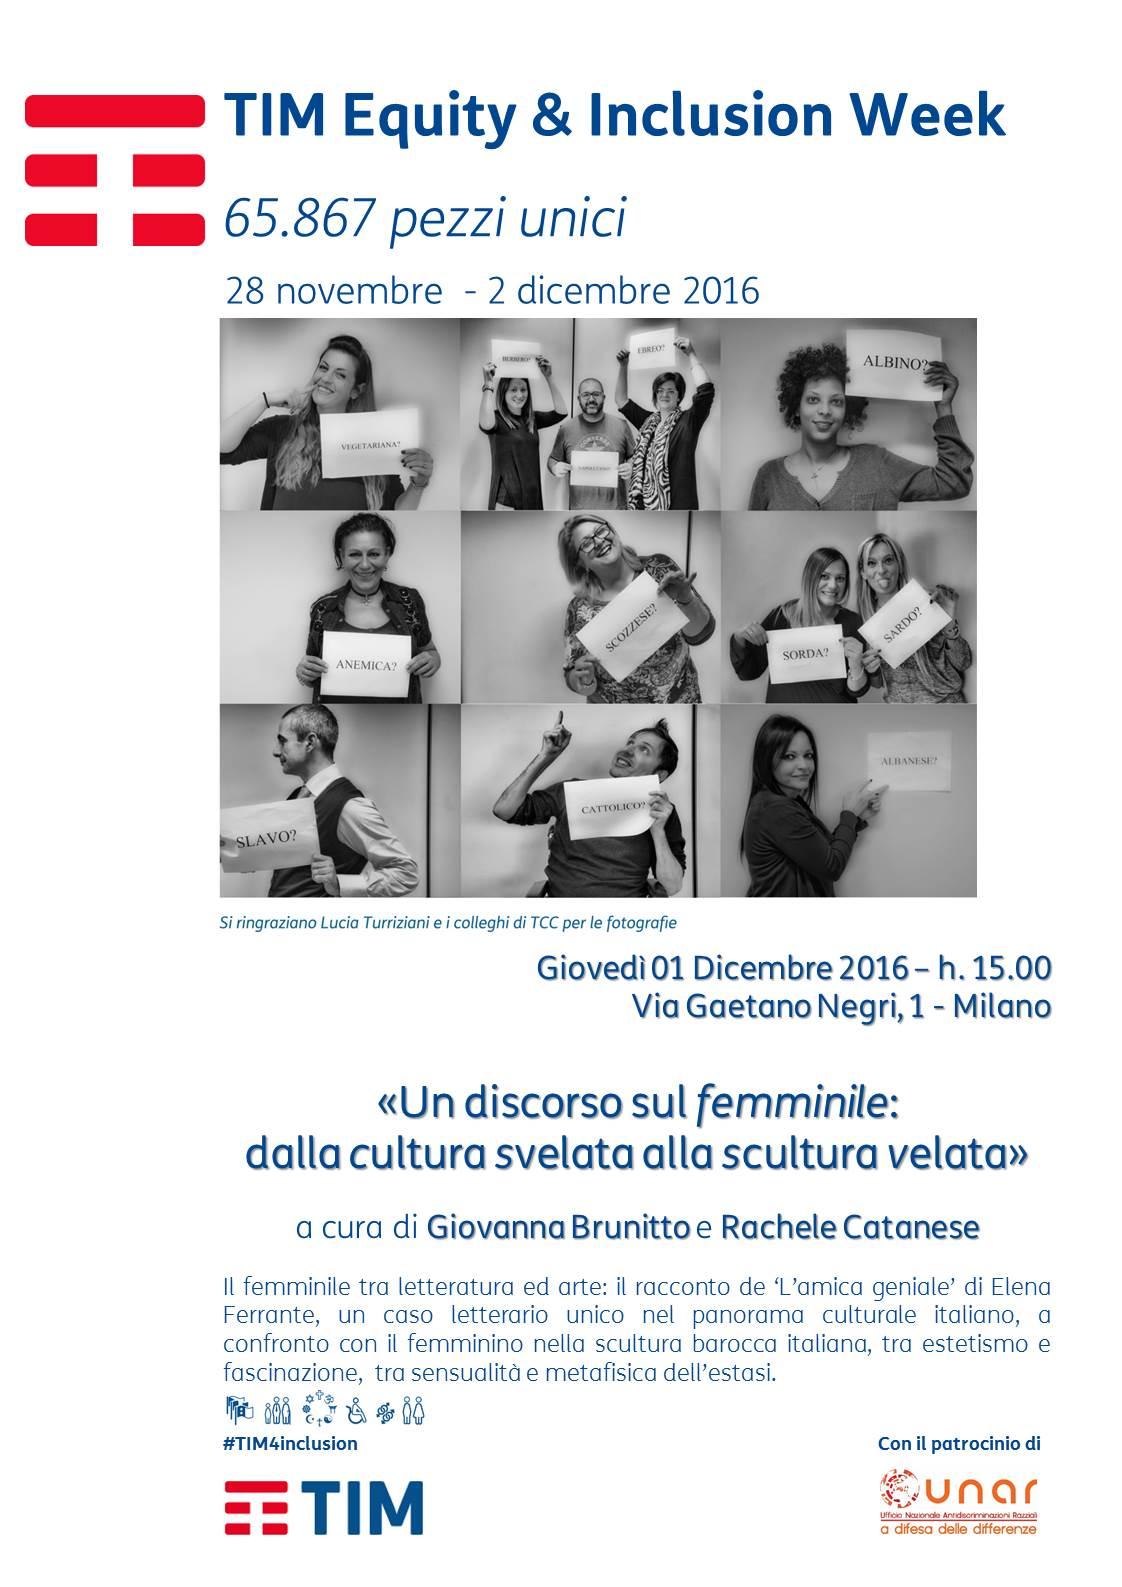 discorso-sul-femminile-01-dicembre-2016